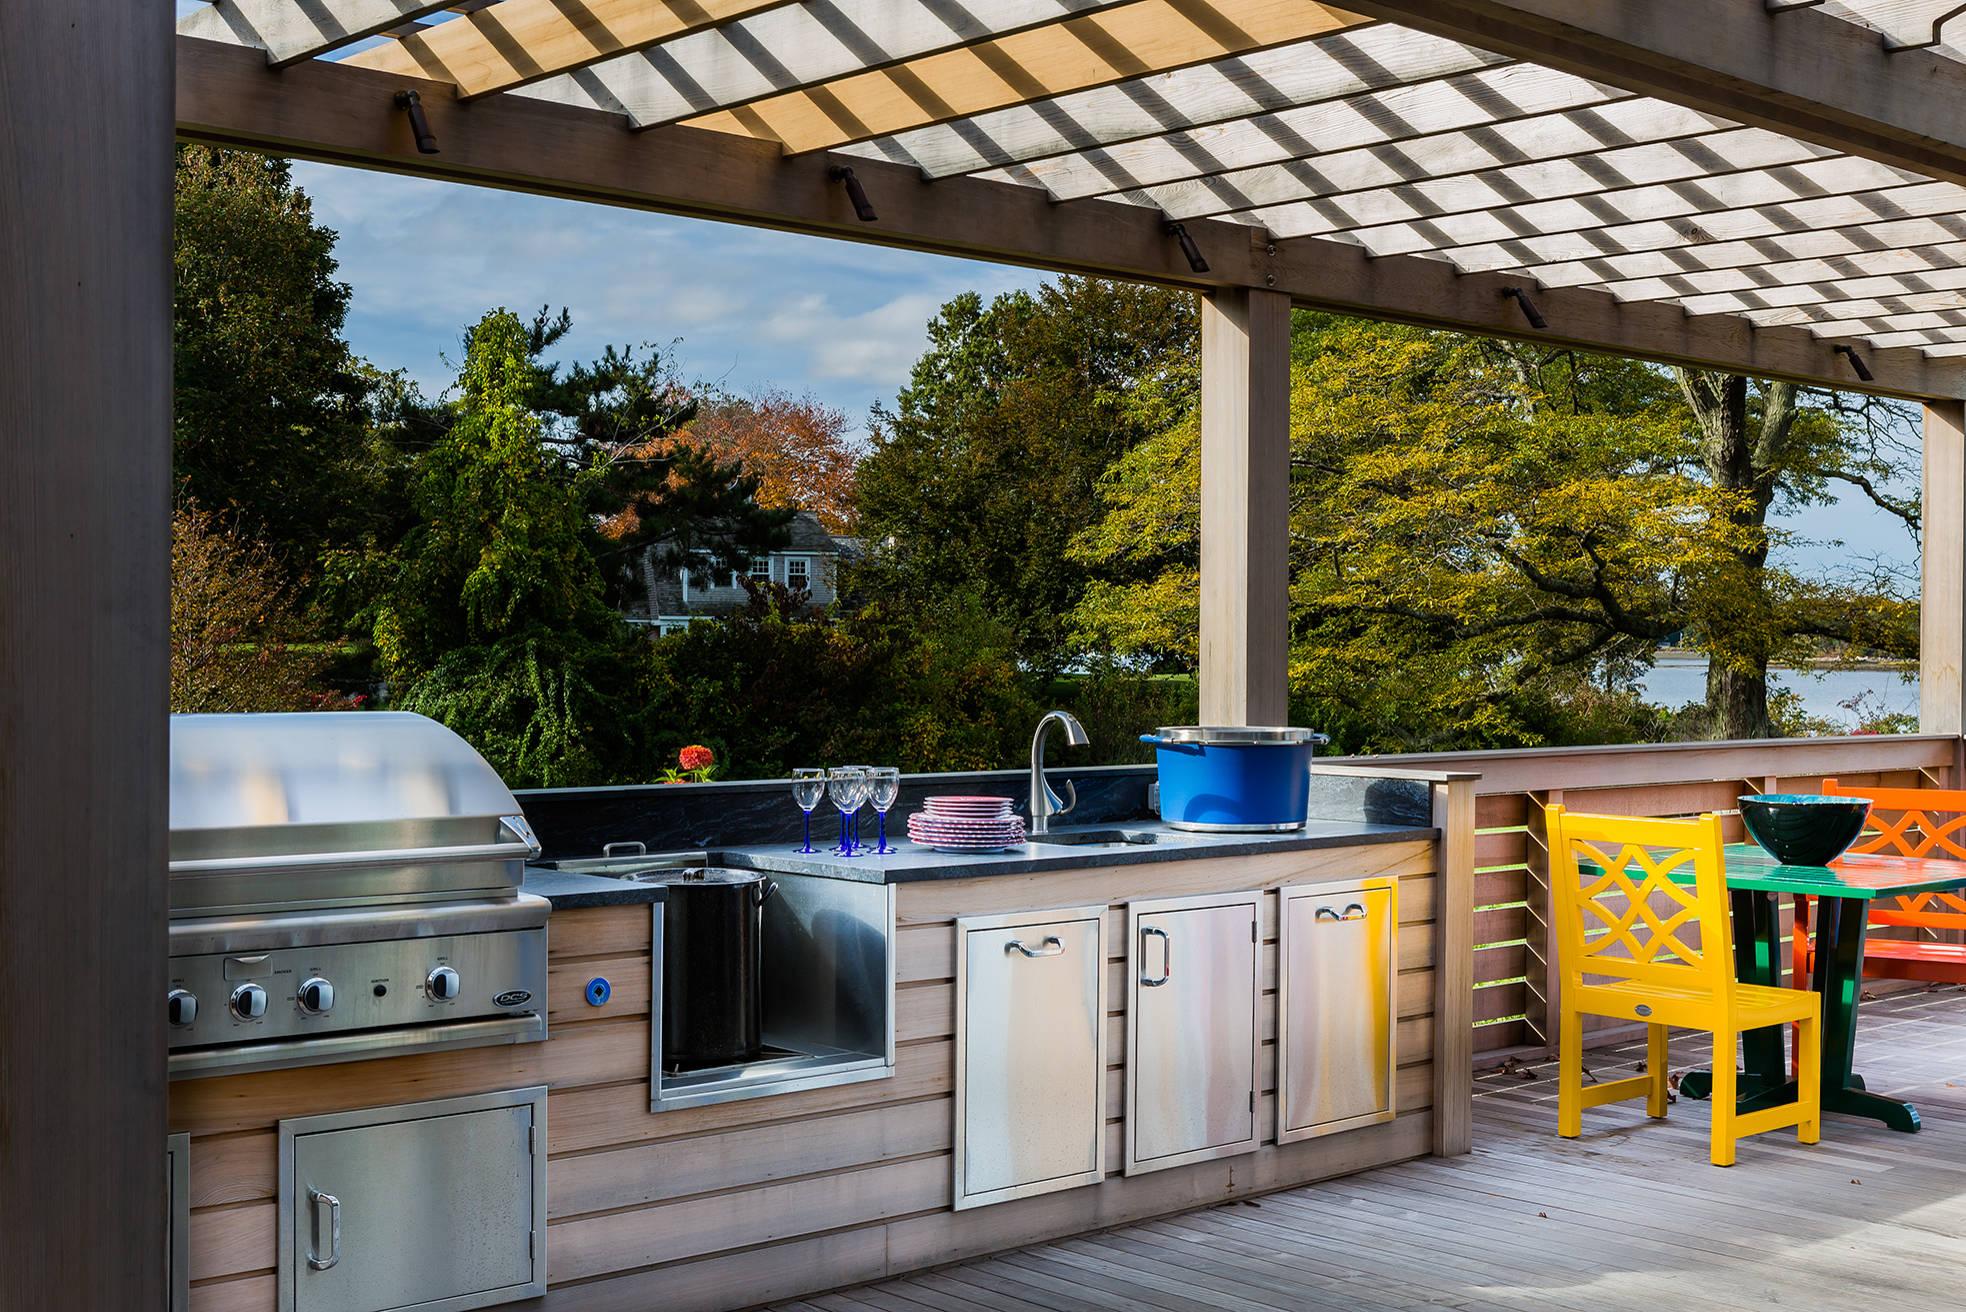 Летняя кухня на даче: проекты, фото, как построить своими руками